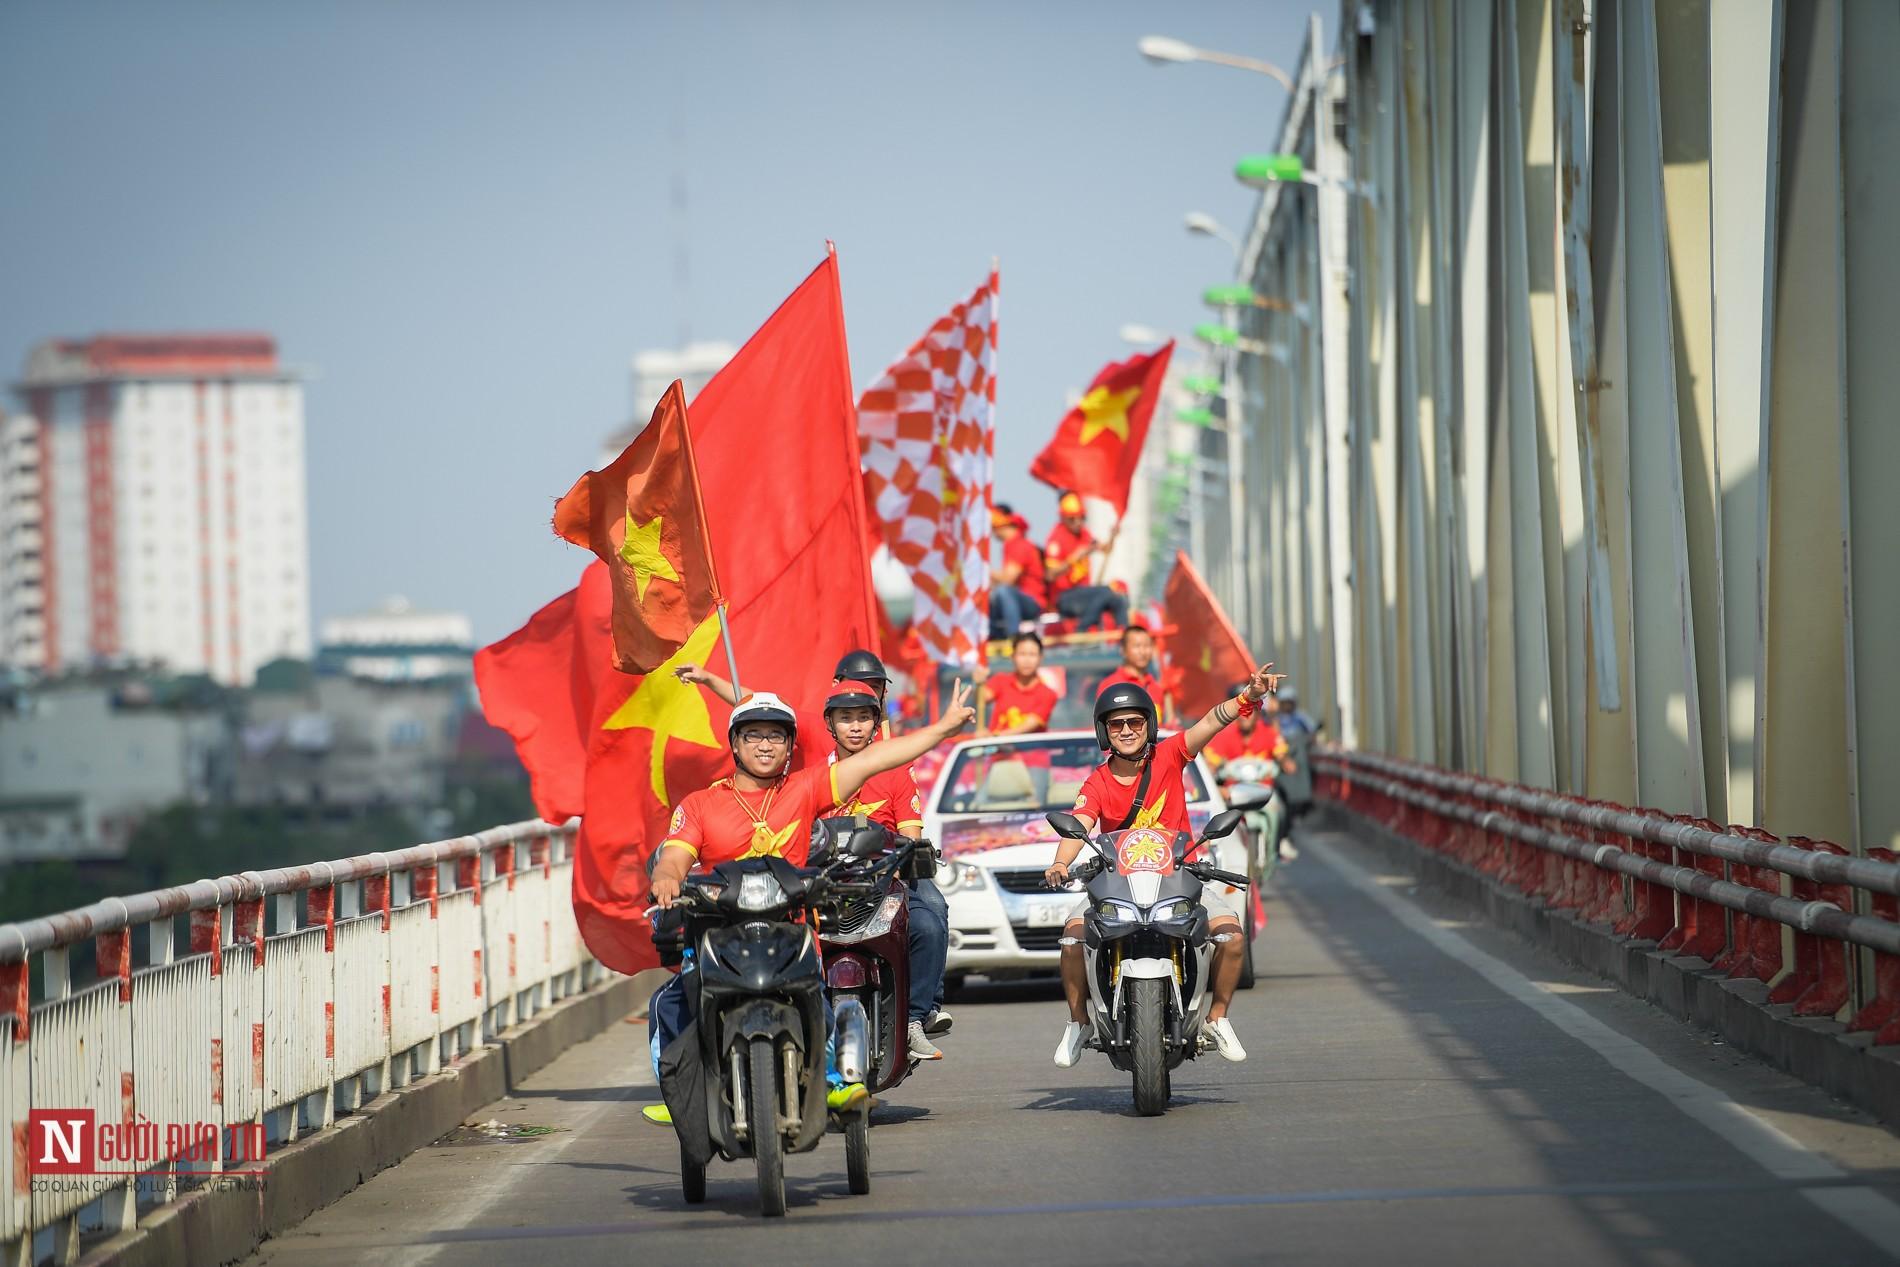 Nóng trước giờ G: Hàng ngàn CĐV diễu hành cổ vũ ĐTQG Việt Nam 7